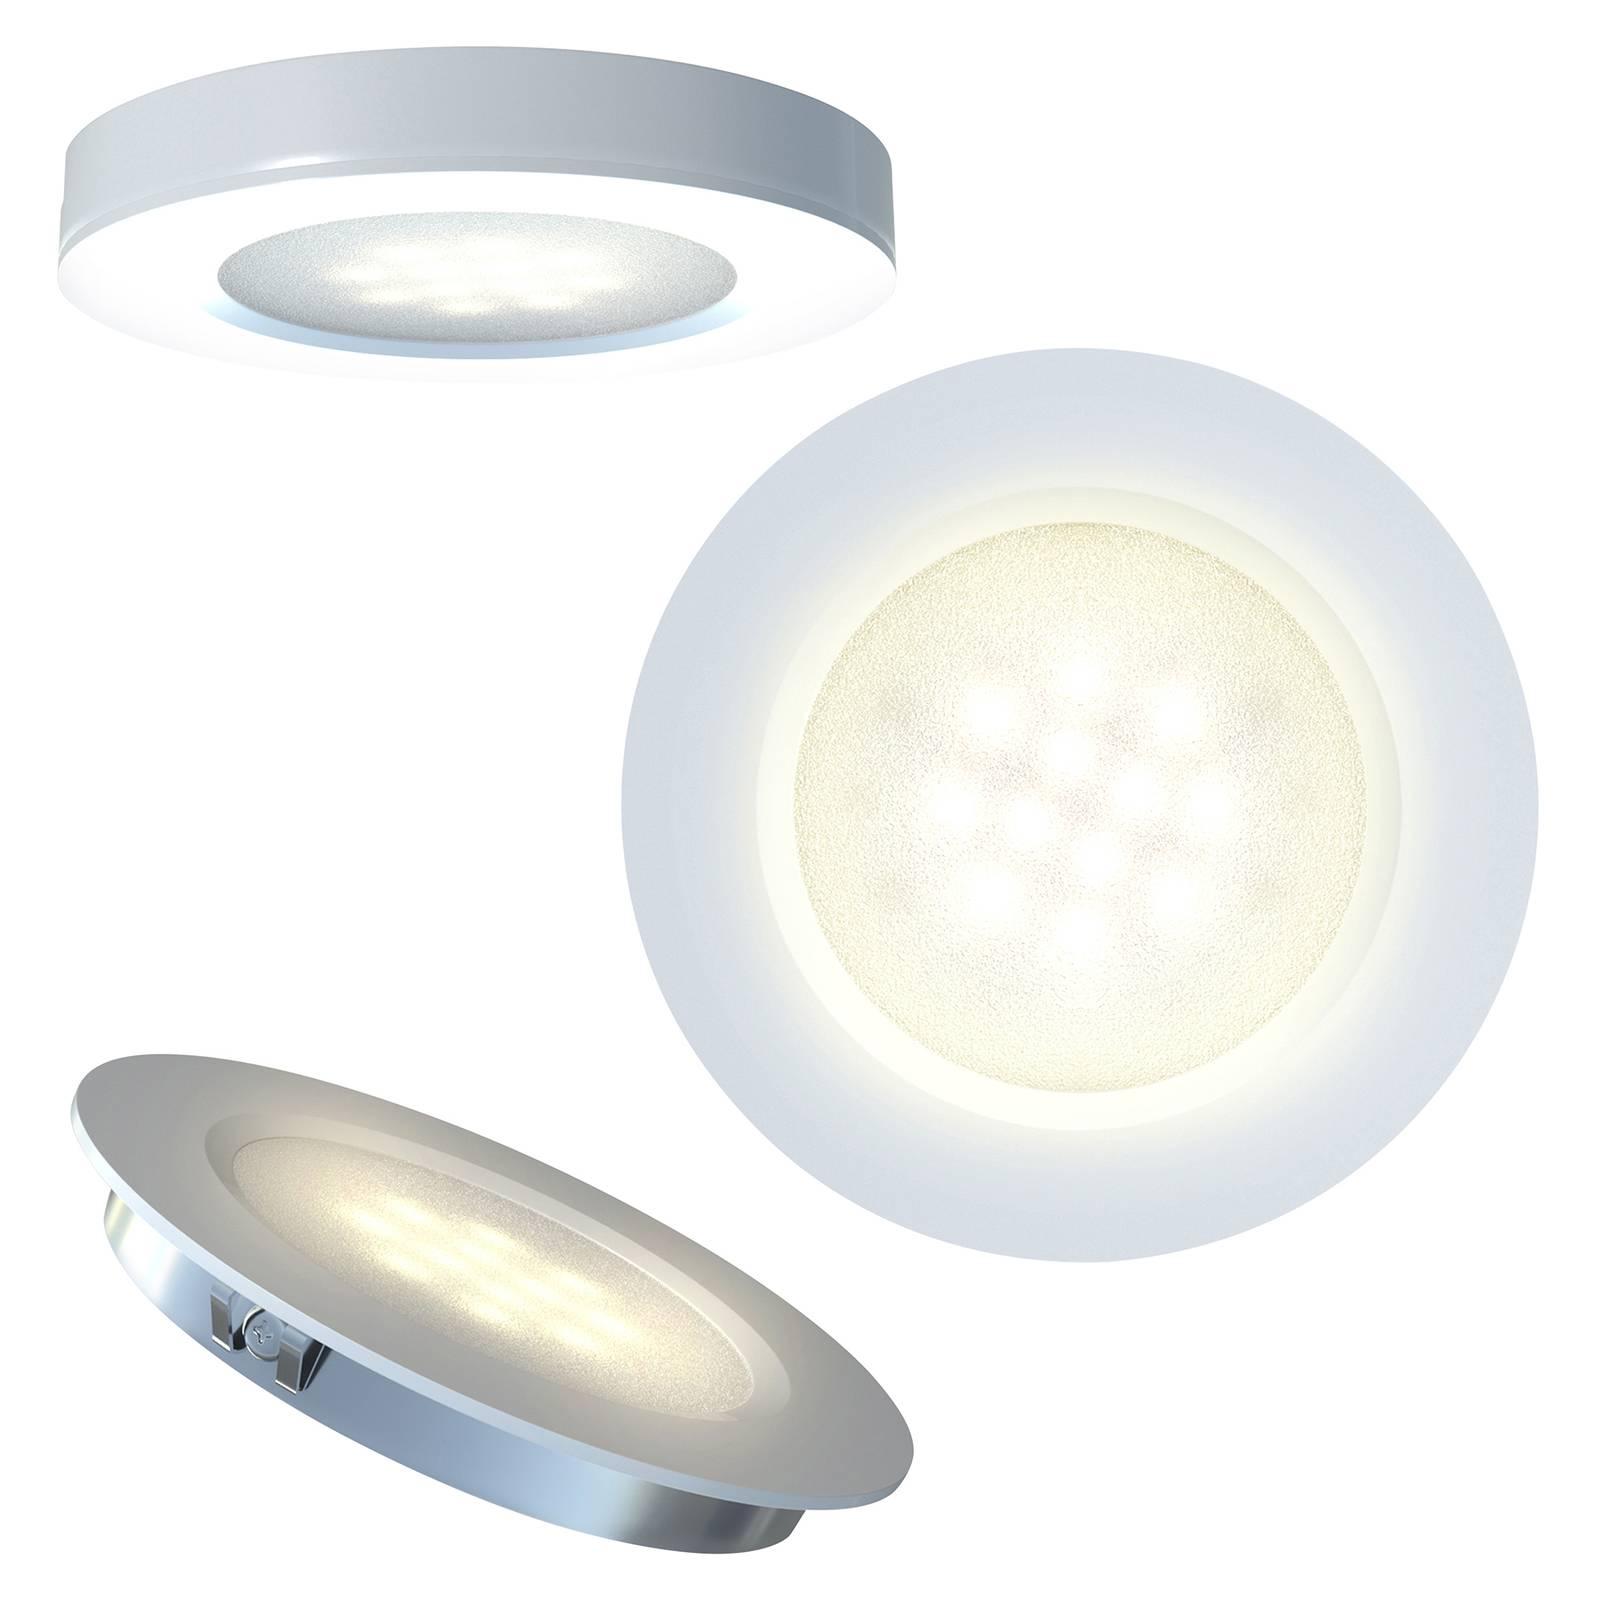 Innr Puck Light -LED-uppovalo, 3 kpl